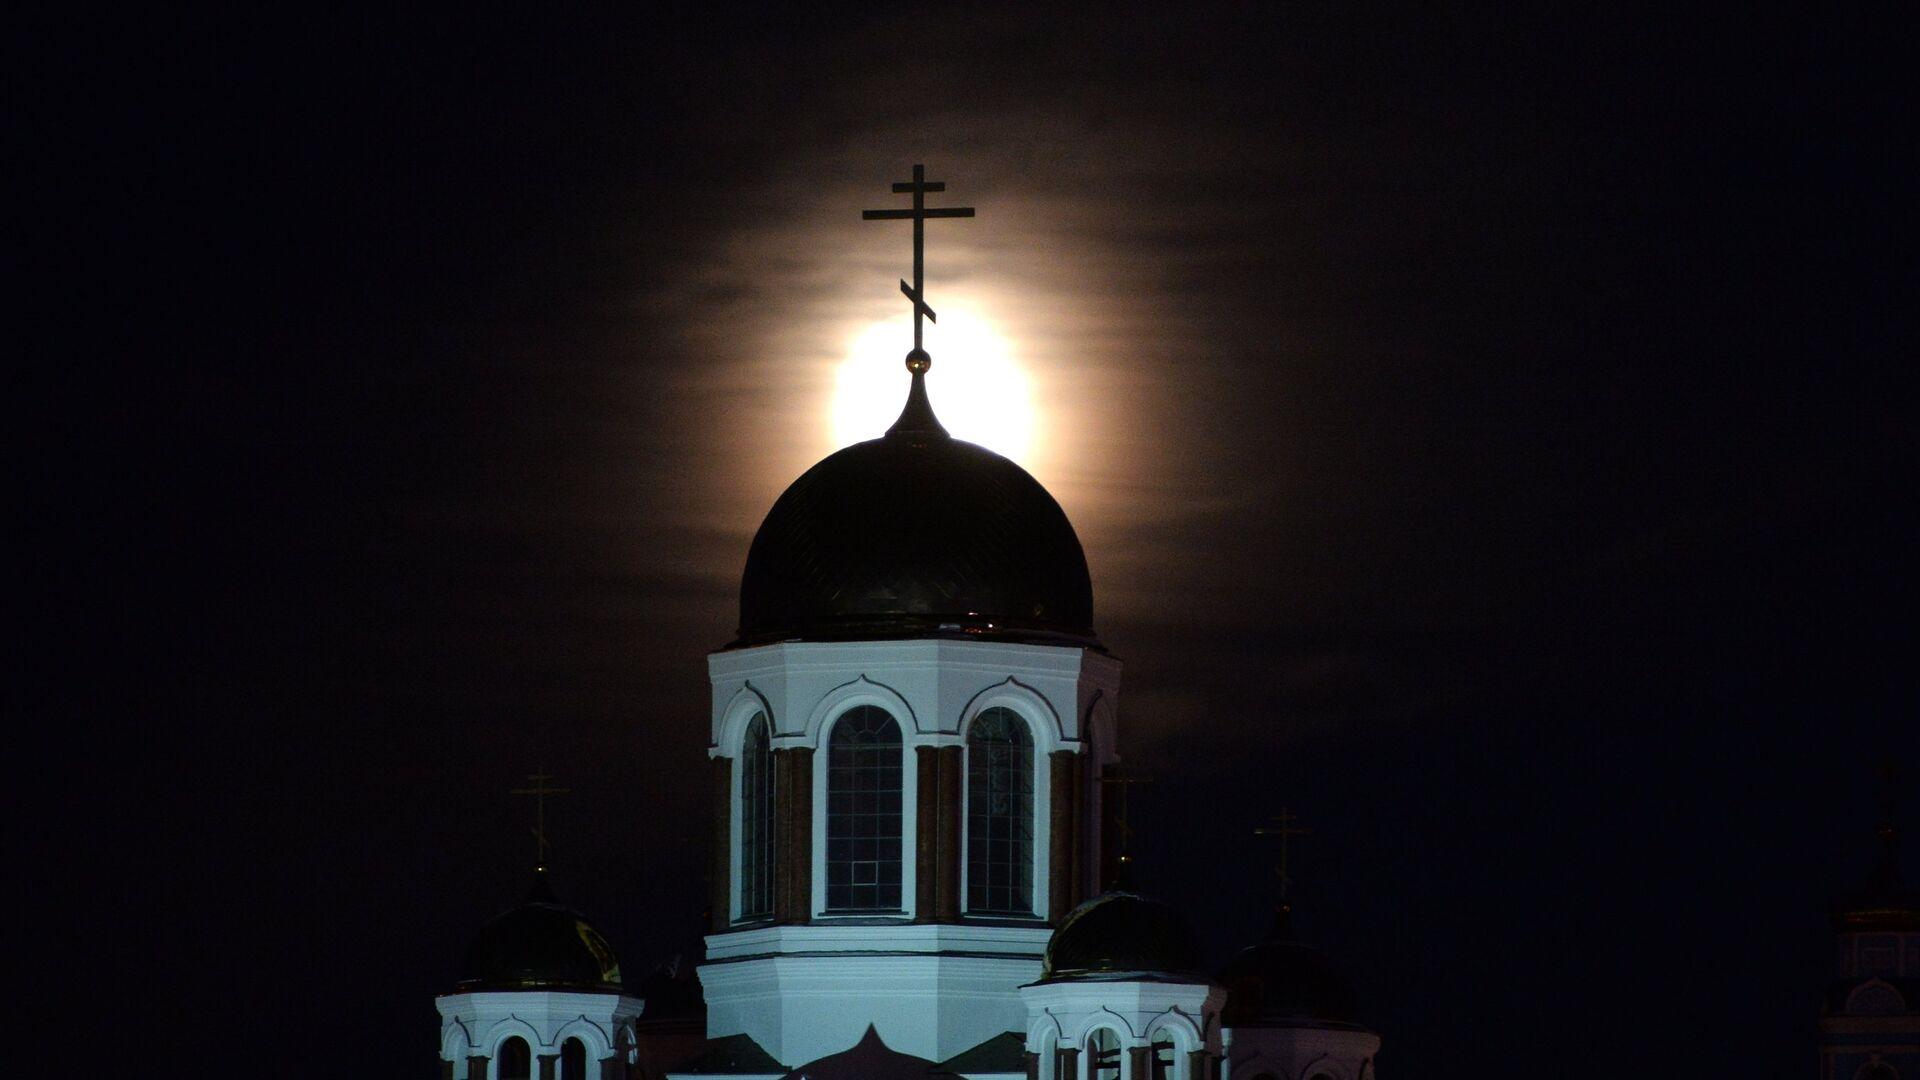 Храм в Екатеринбурге - РИА Новости, 1920, 03.11.2020